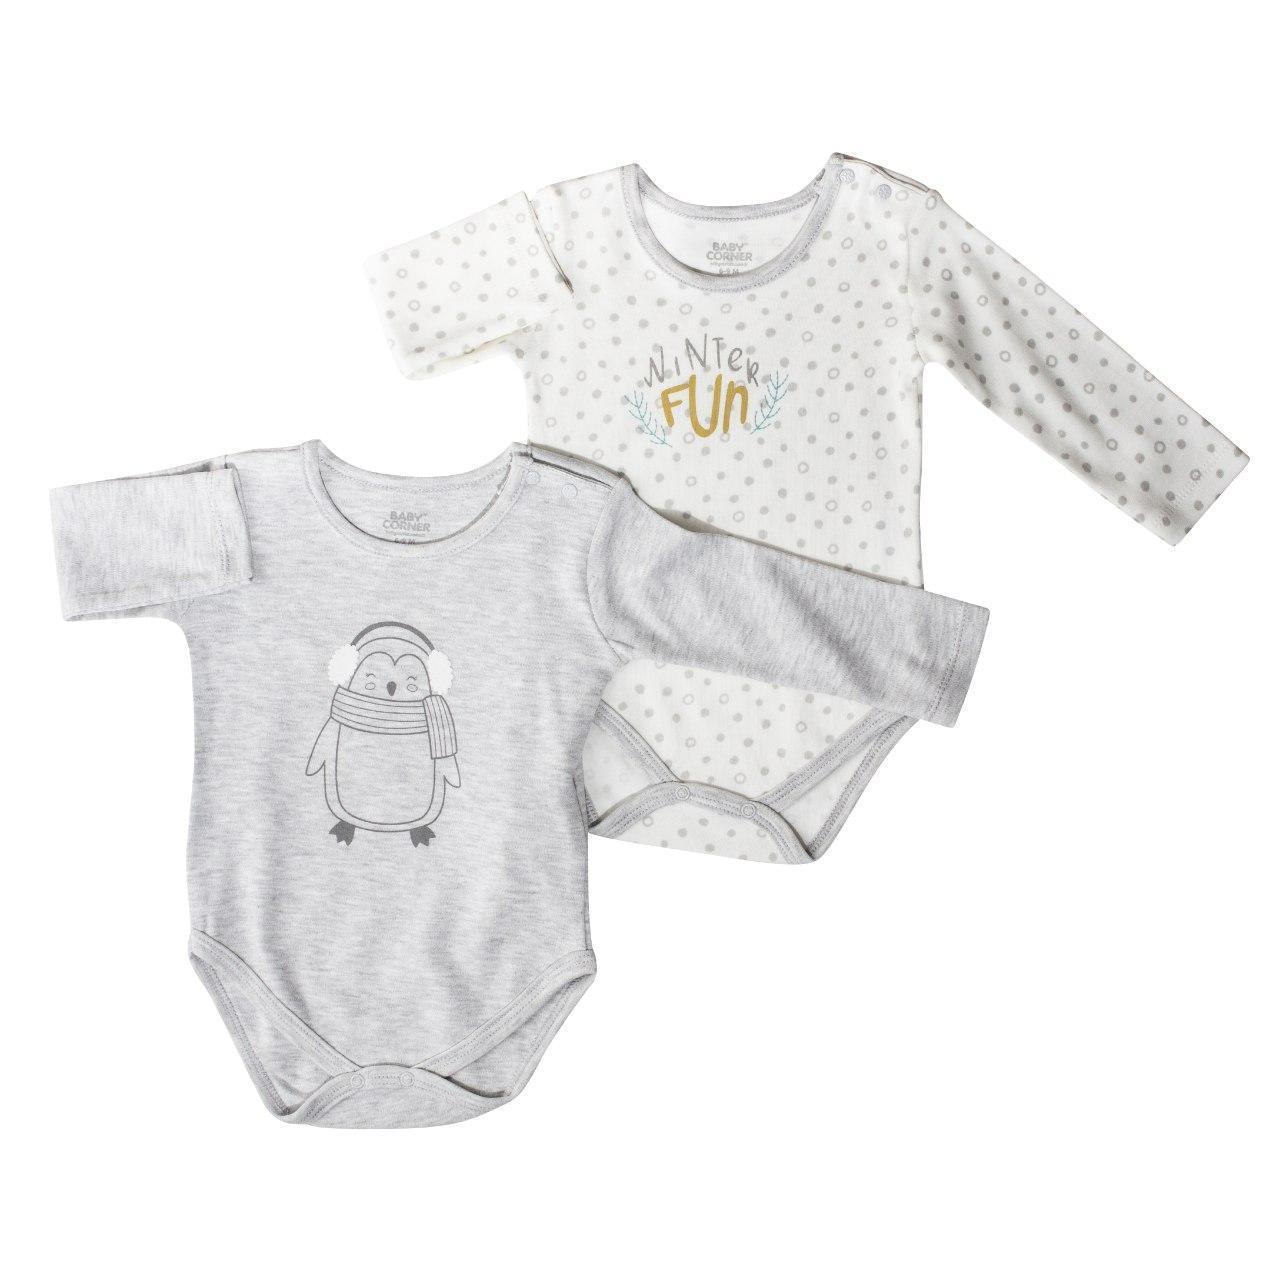 Комплект з двох боді для немовляти, розмір 0/3 міс